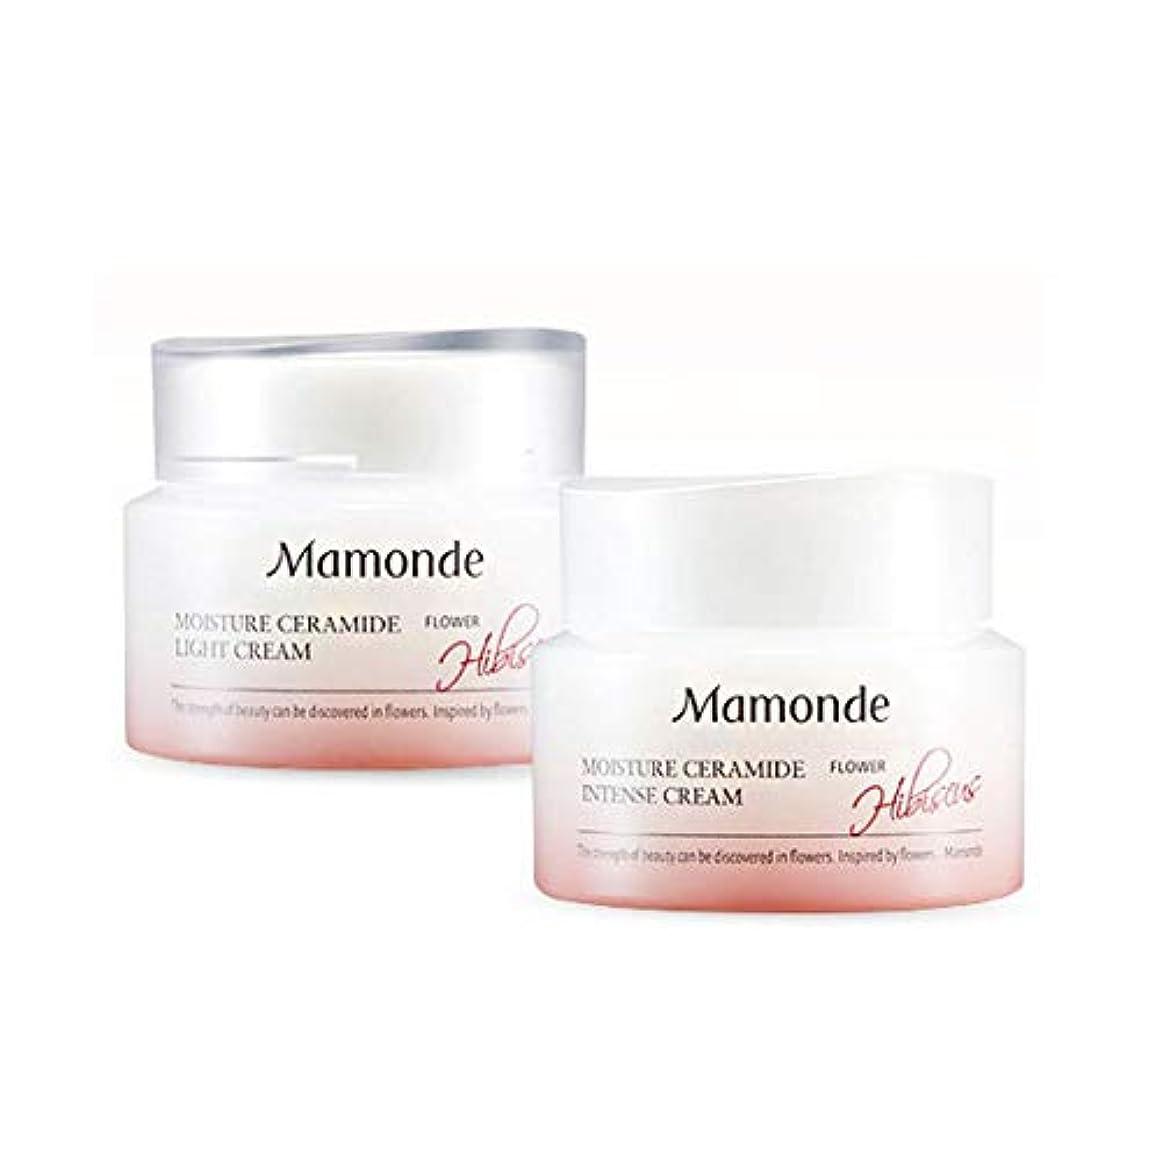 九月パキスタンからかうマモンドモイスチャーセラミドインテンスクリーム50mlx2本セット韓国コスメ、Mamonde Moisture Ceramide Intense Cream 50ml x 2ea Set Korean Cosmetics...